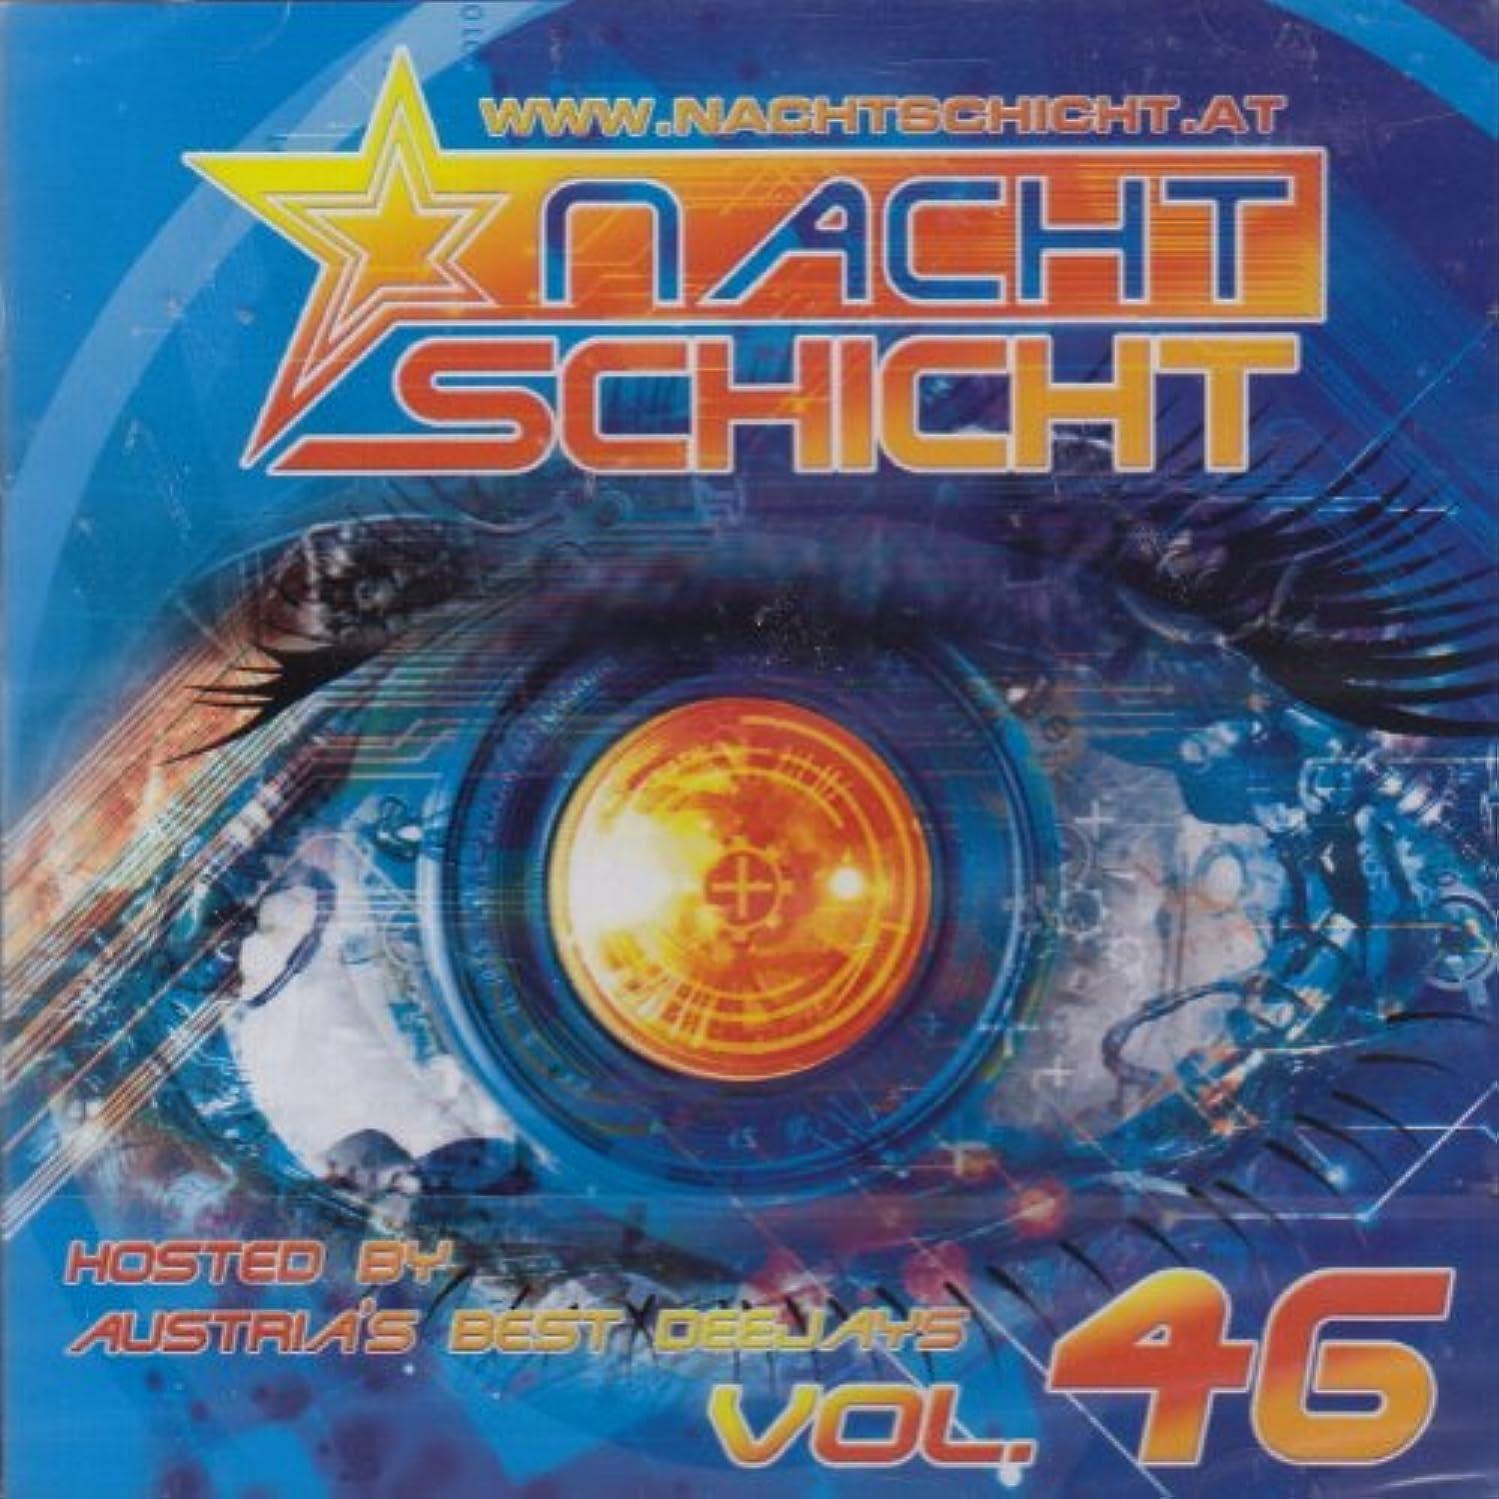 Nachtschicht Vol.46: Hosted By Austria's Best Deejays